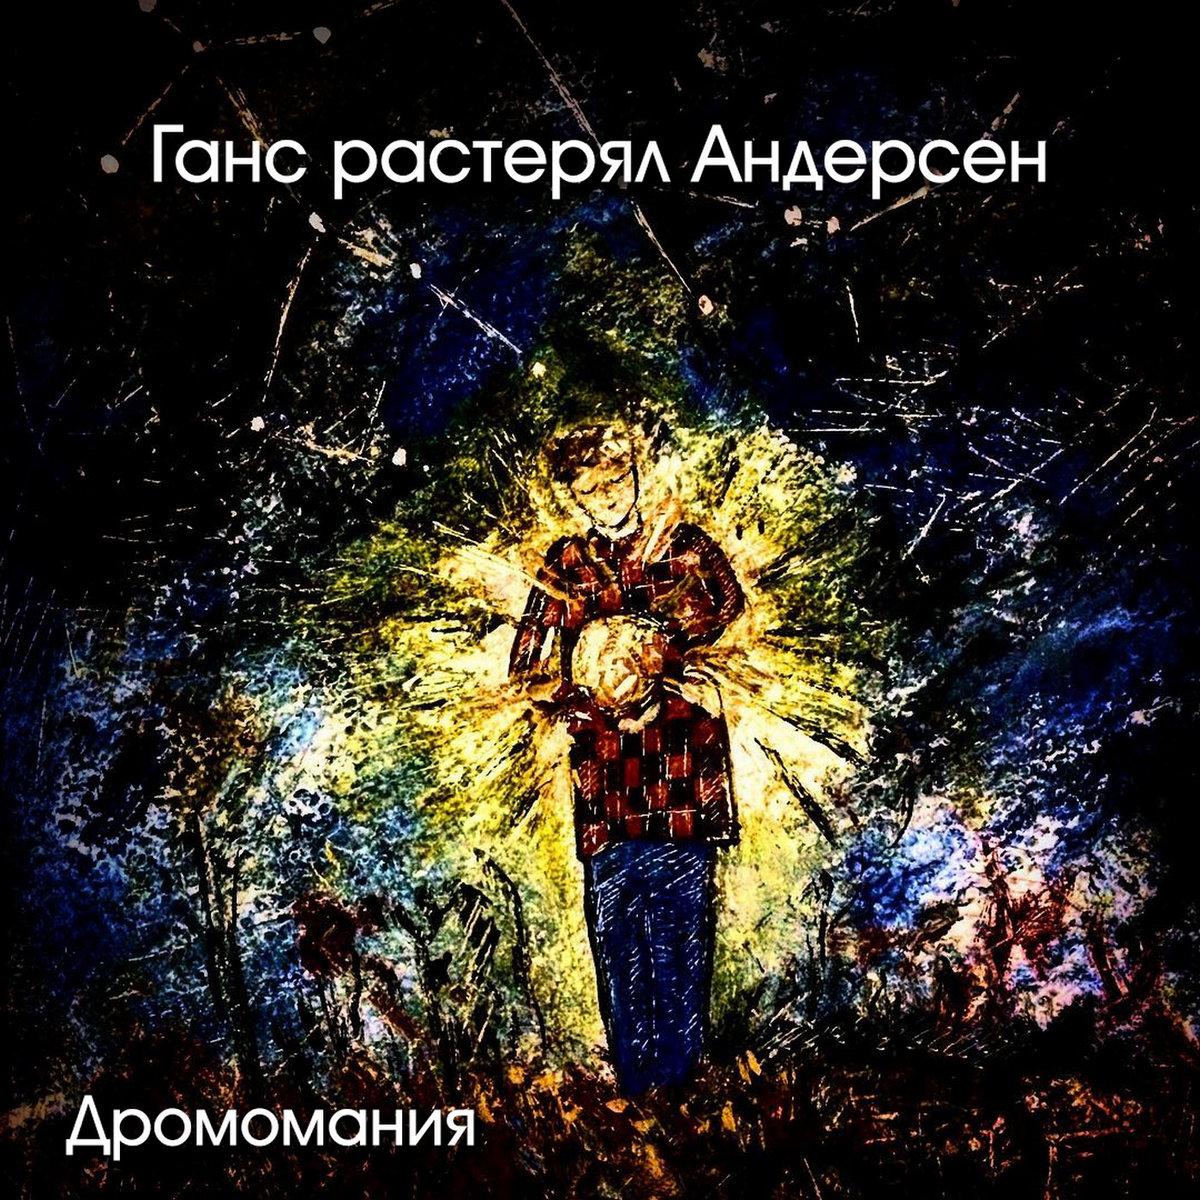 Космогония - книга знаний - вторая книга после библии